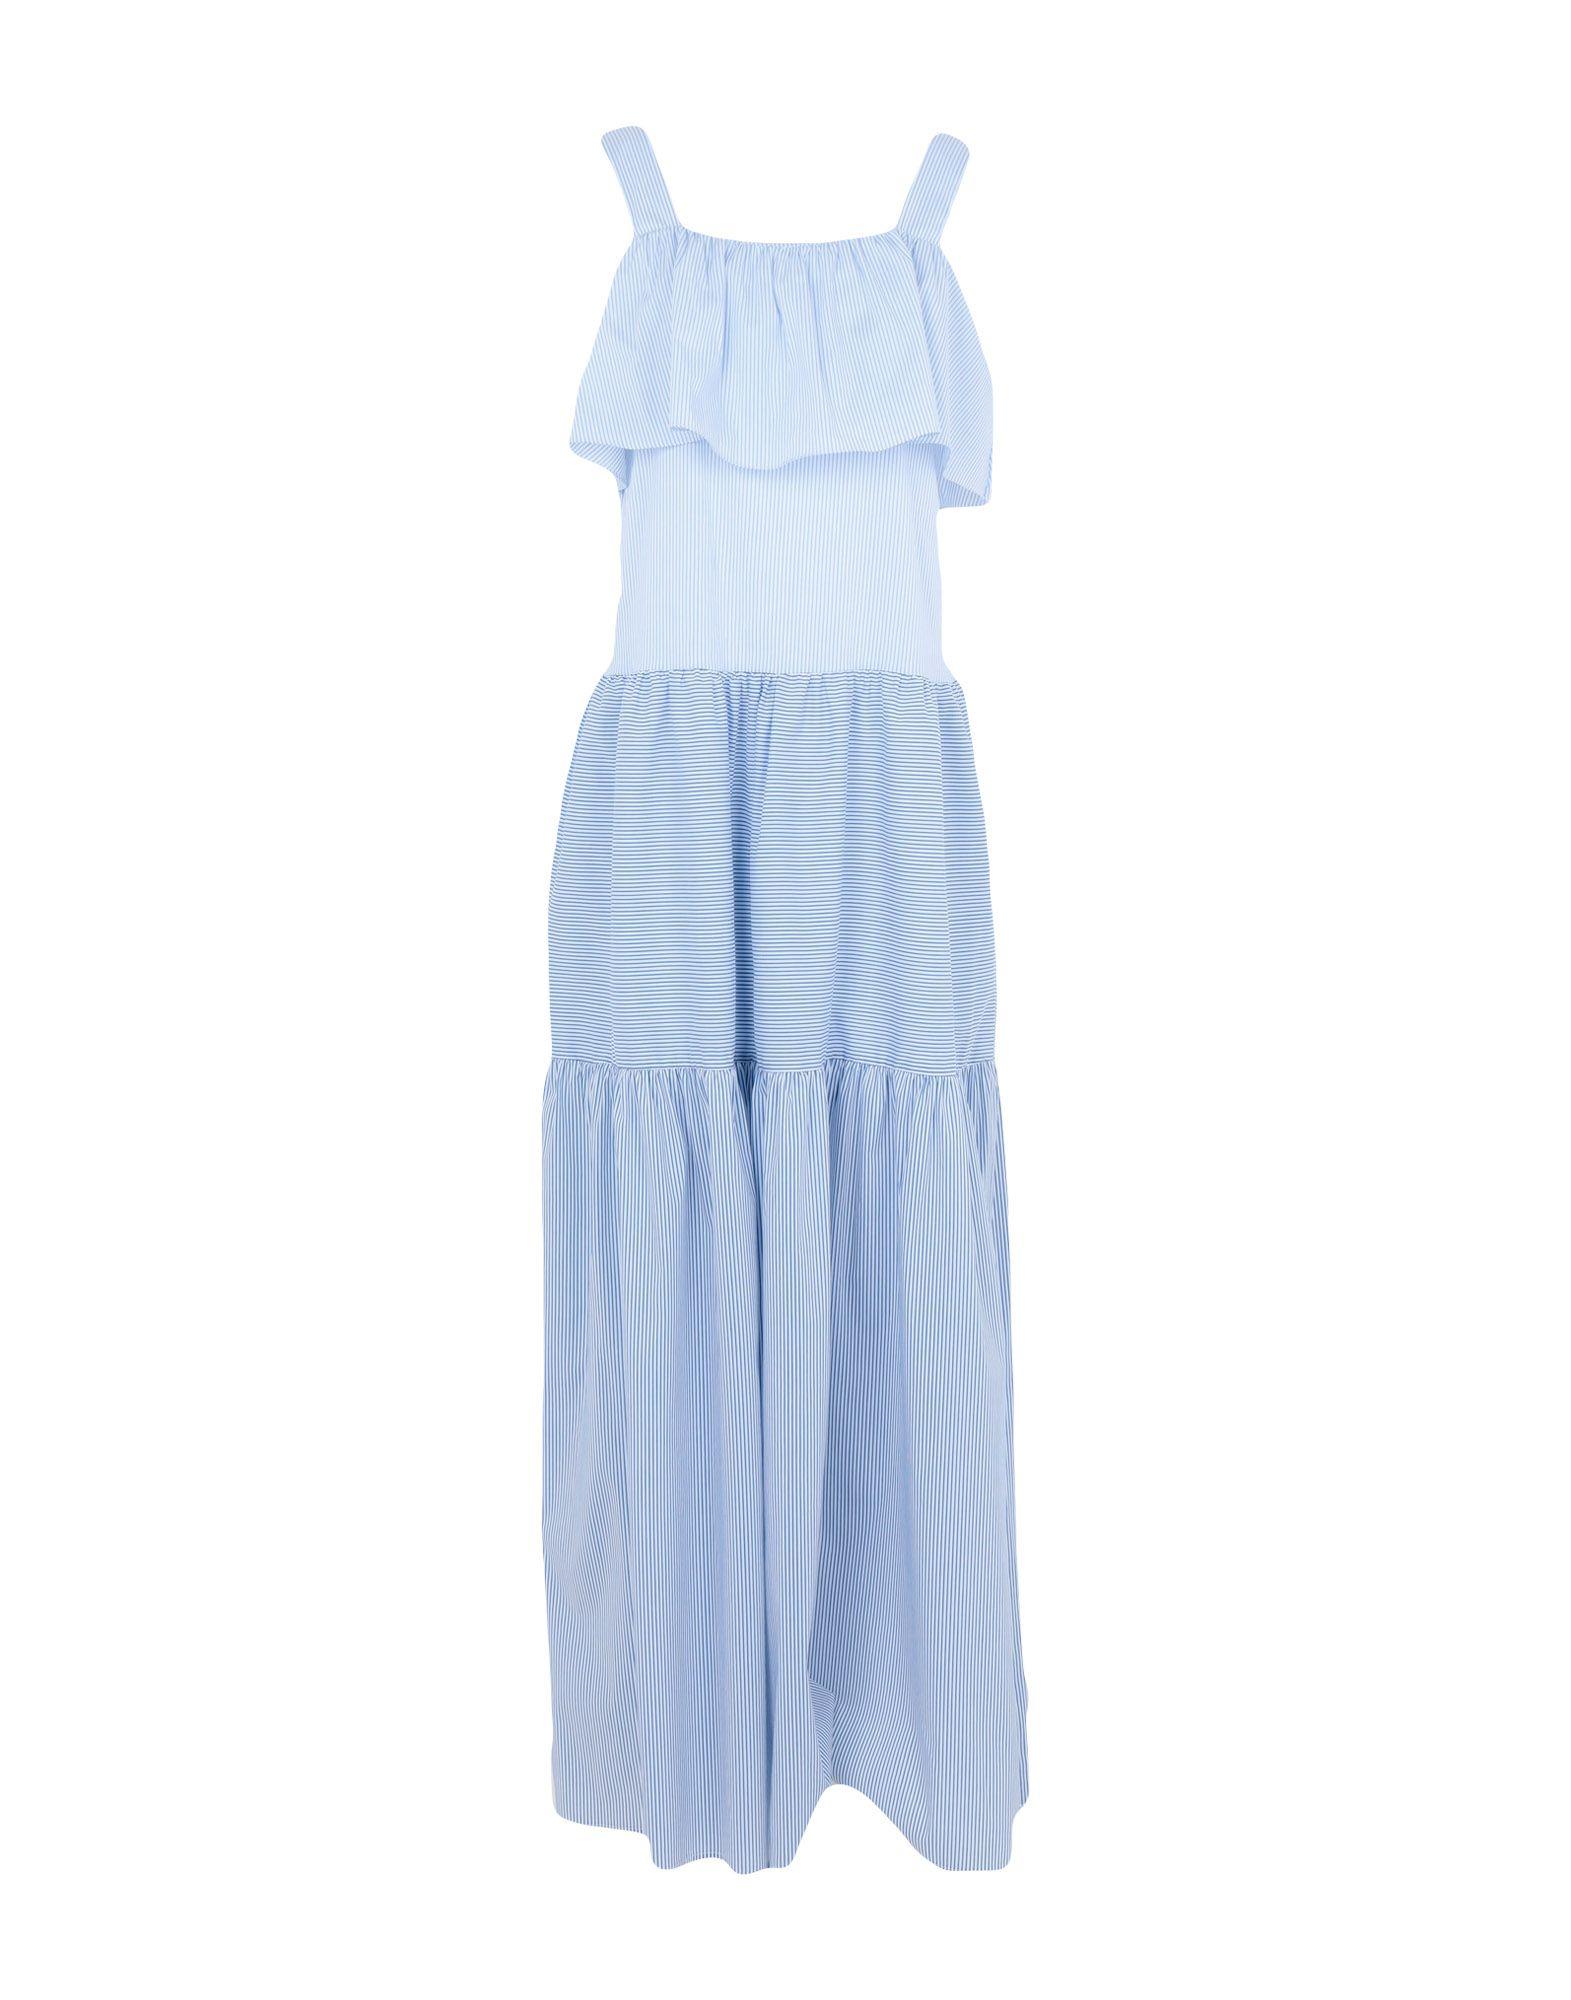 ANNA RACHELE JEANS COLLECTION Длинное платье